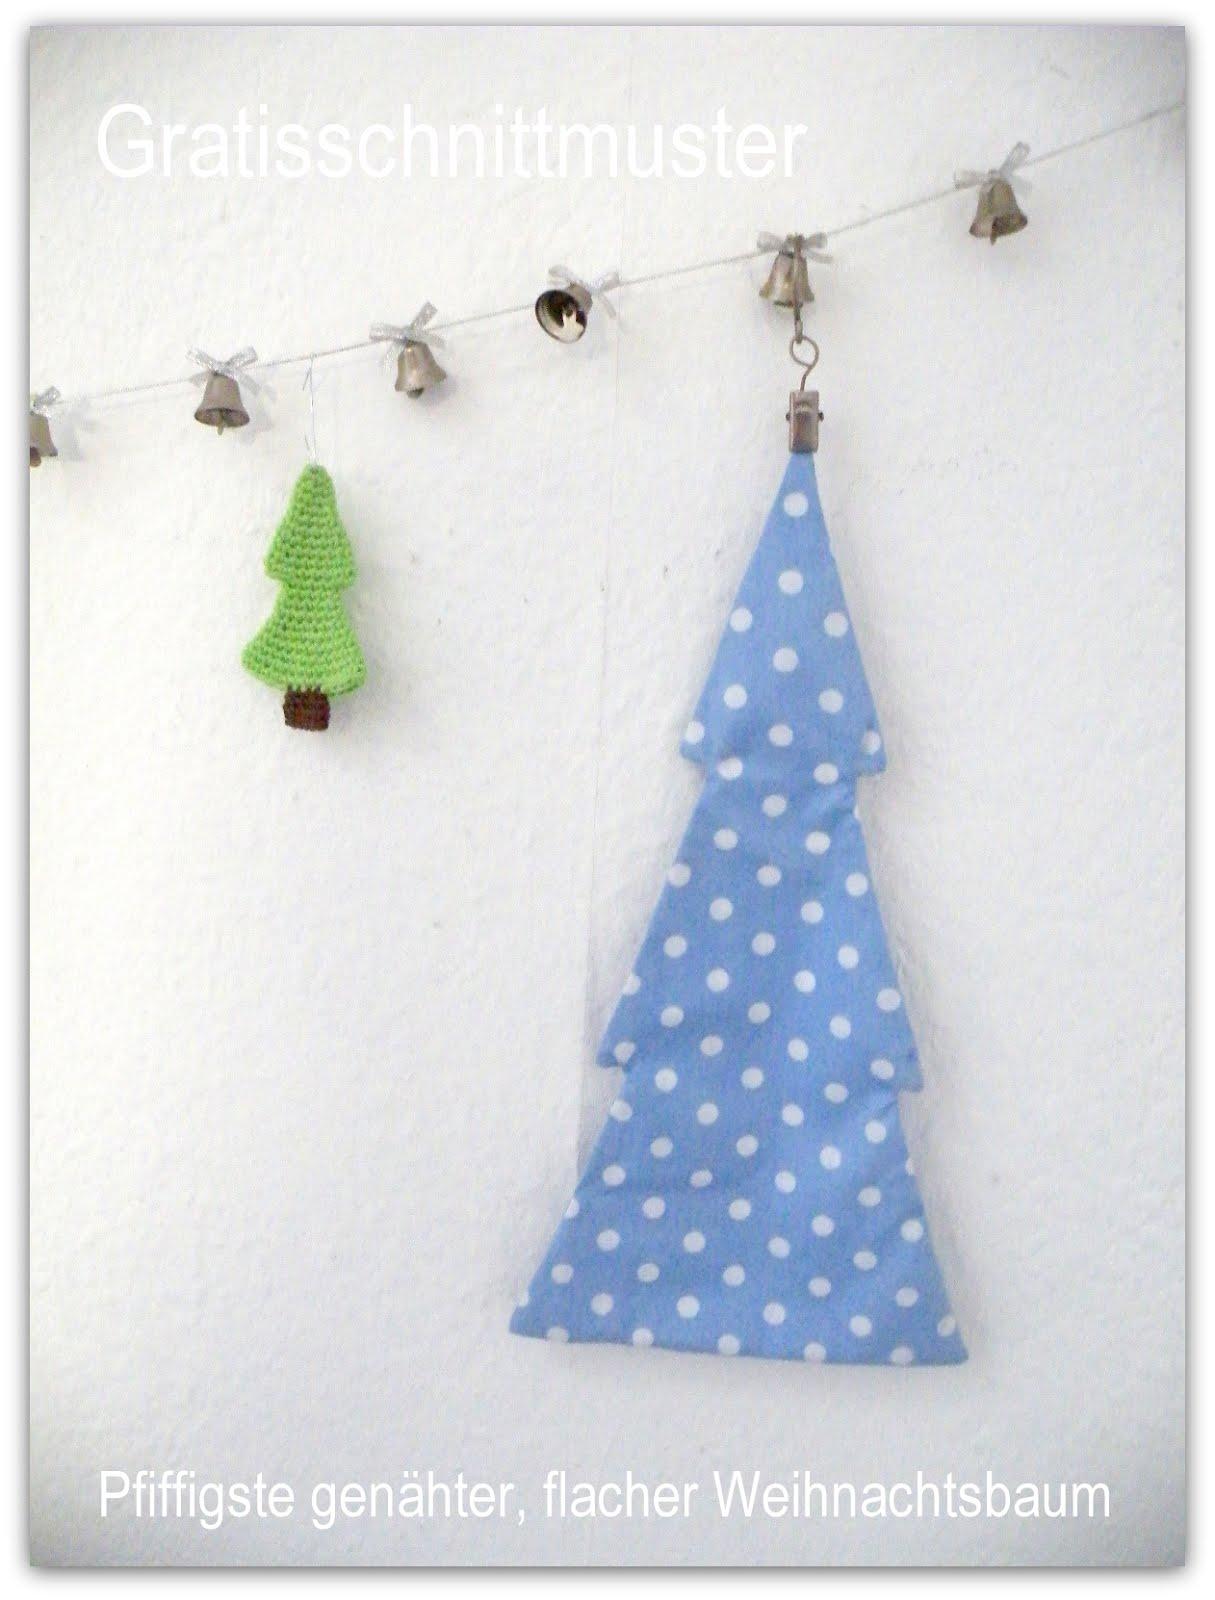 Pfiffigstes genähter, flacher Weihnachtsbaum